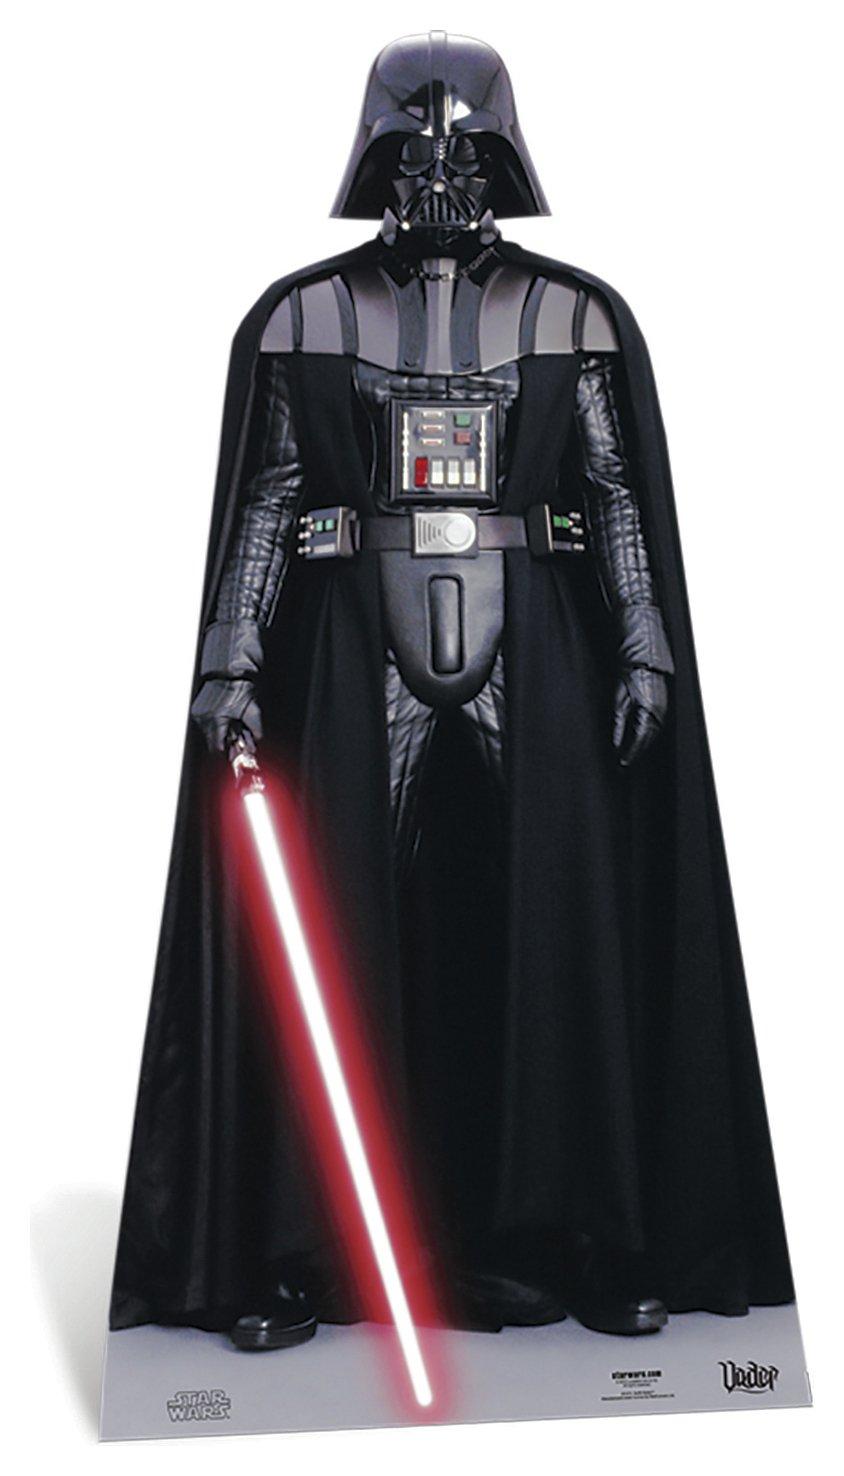 Image of Star Cutouts Star Wars Darth Vader Cardboard Cutout